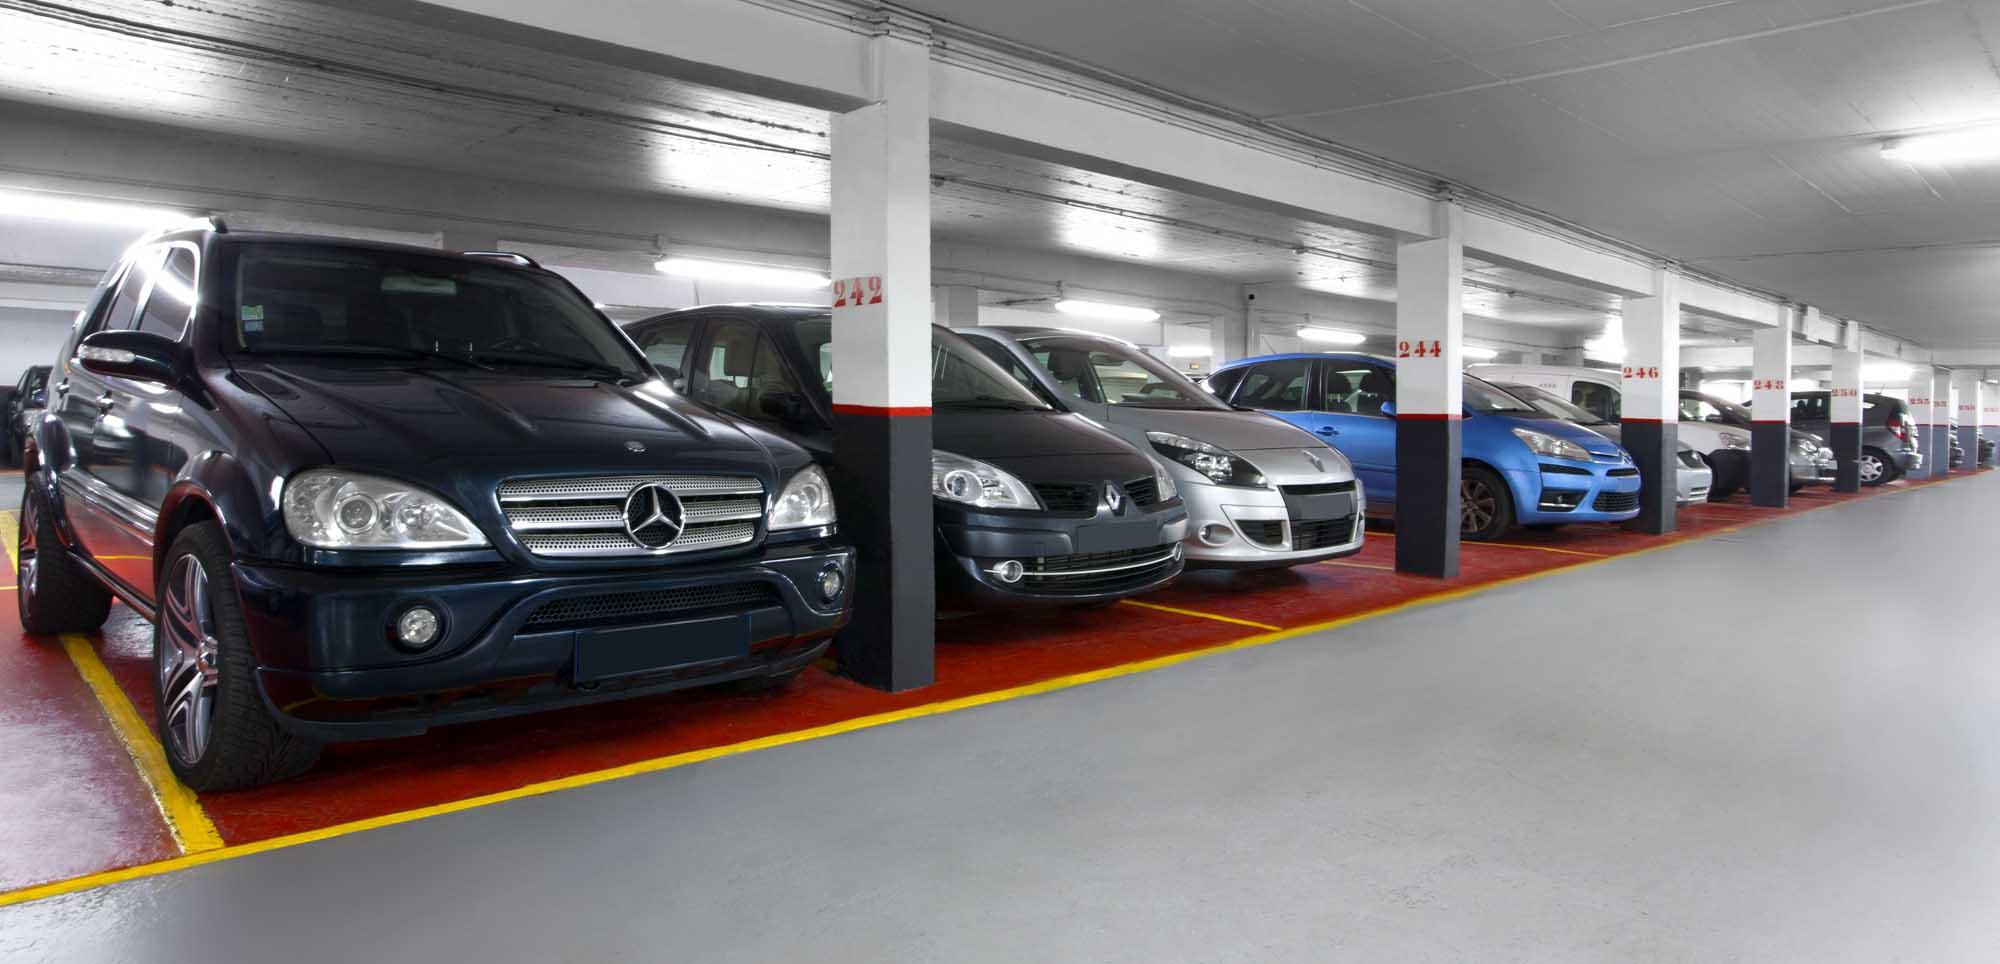 La location parking bordeaux pour plus de sérénité